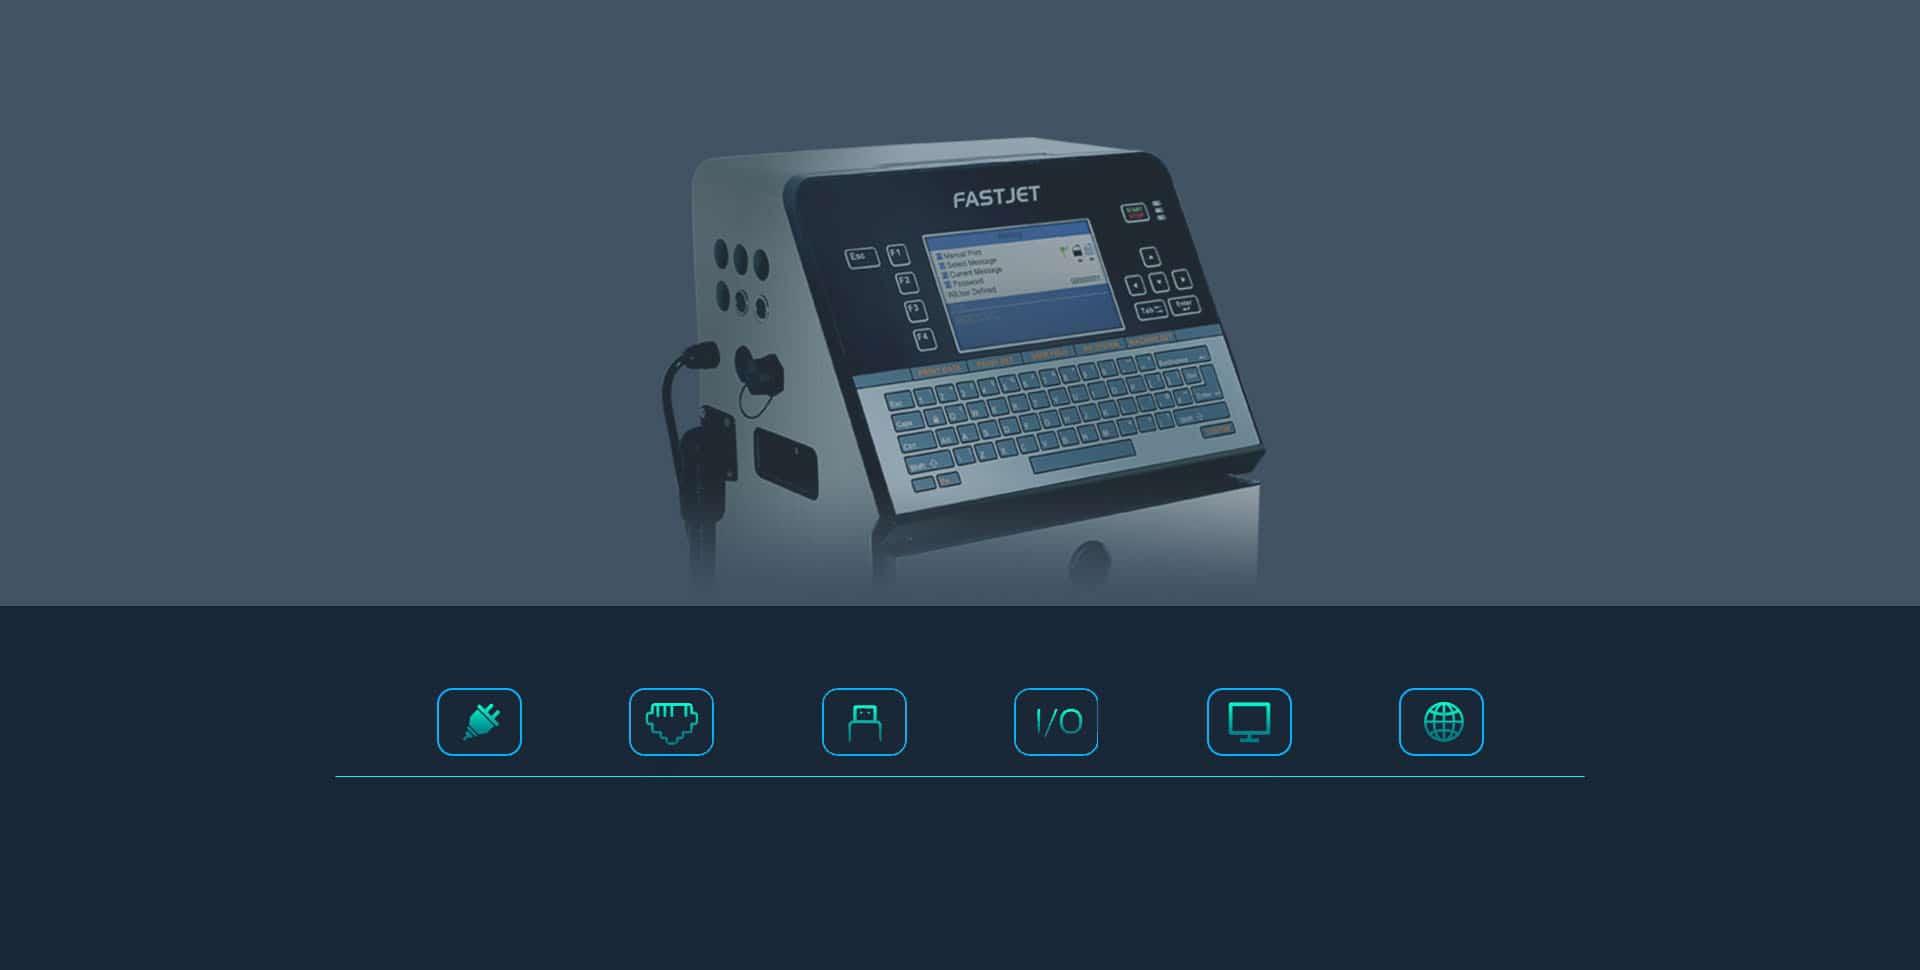 Краплеструменевий маркувальник Fastjet F550 Plus Fastjet F530 Plus інтерфейси